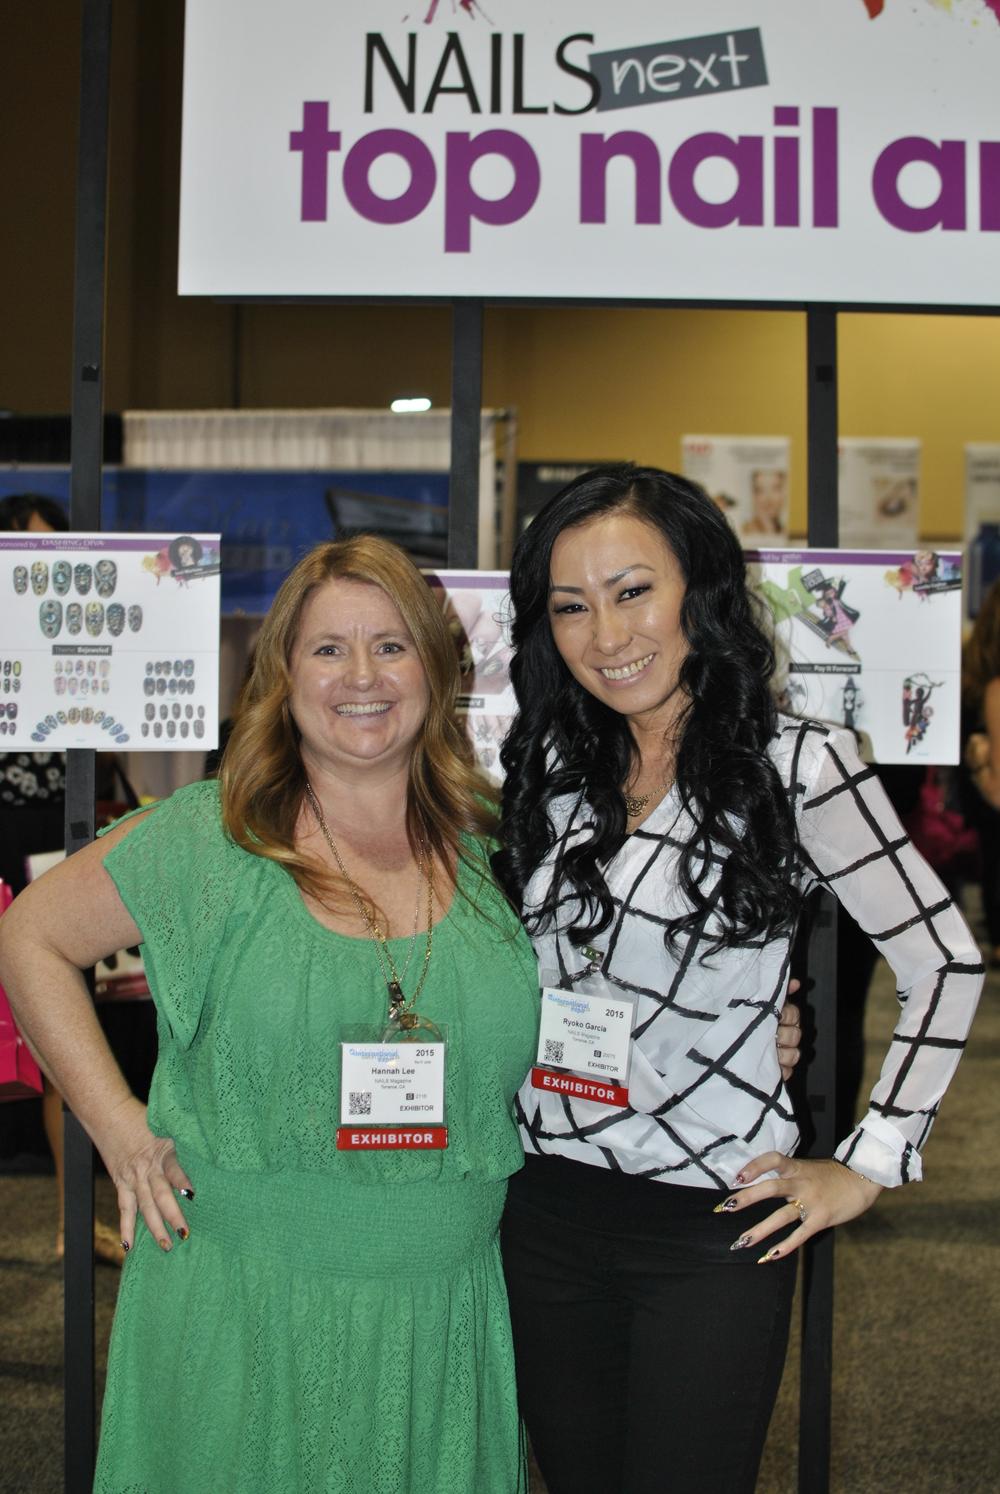 <p>NAILS editor Hannah Lee and NTNA 2014 champion Ryoko Garcia</p>